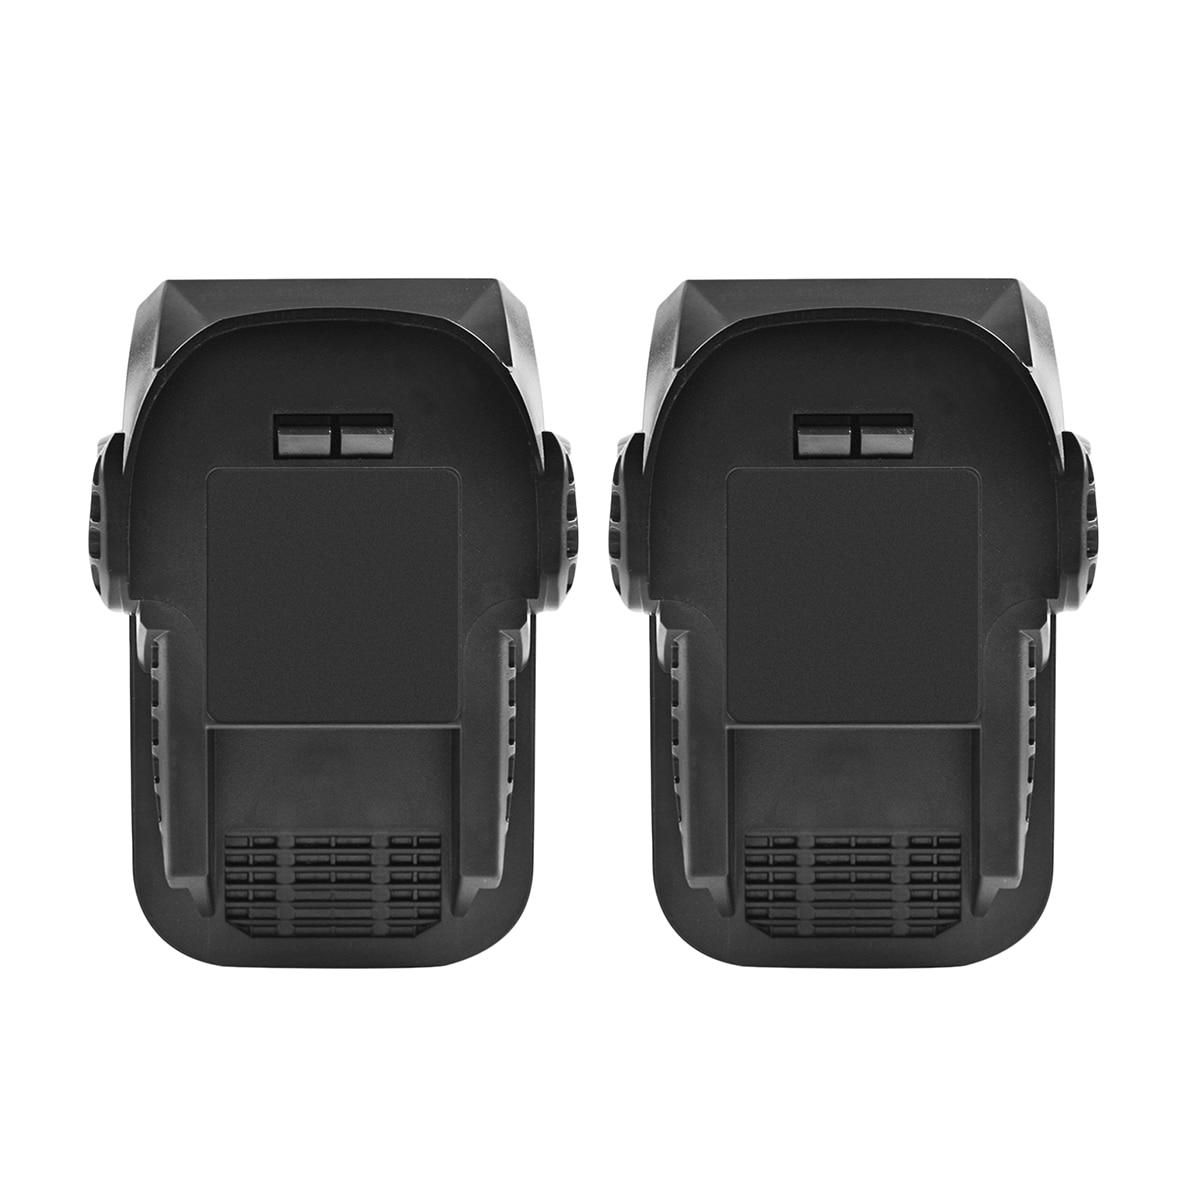 2x 18V 6.0Ah Li-ion R840087 Rechargeable Battery for RIDGID R840083 R840084 R840086 R840087 AC840087 AC840083 AC840084 L10 труборез ridgid 23488